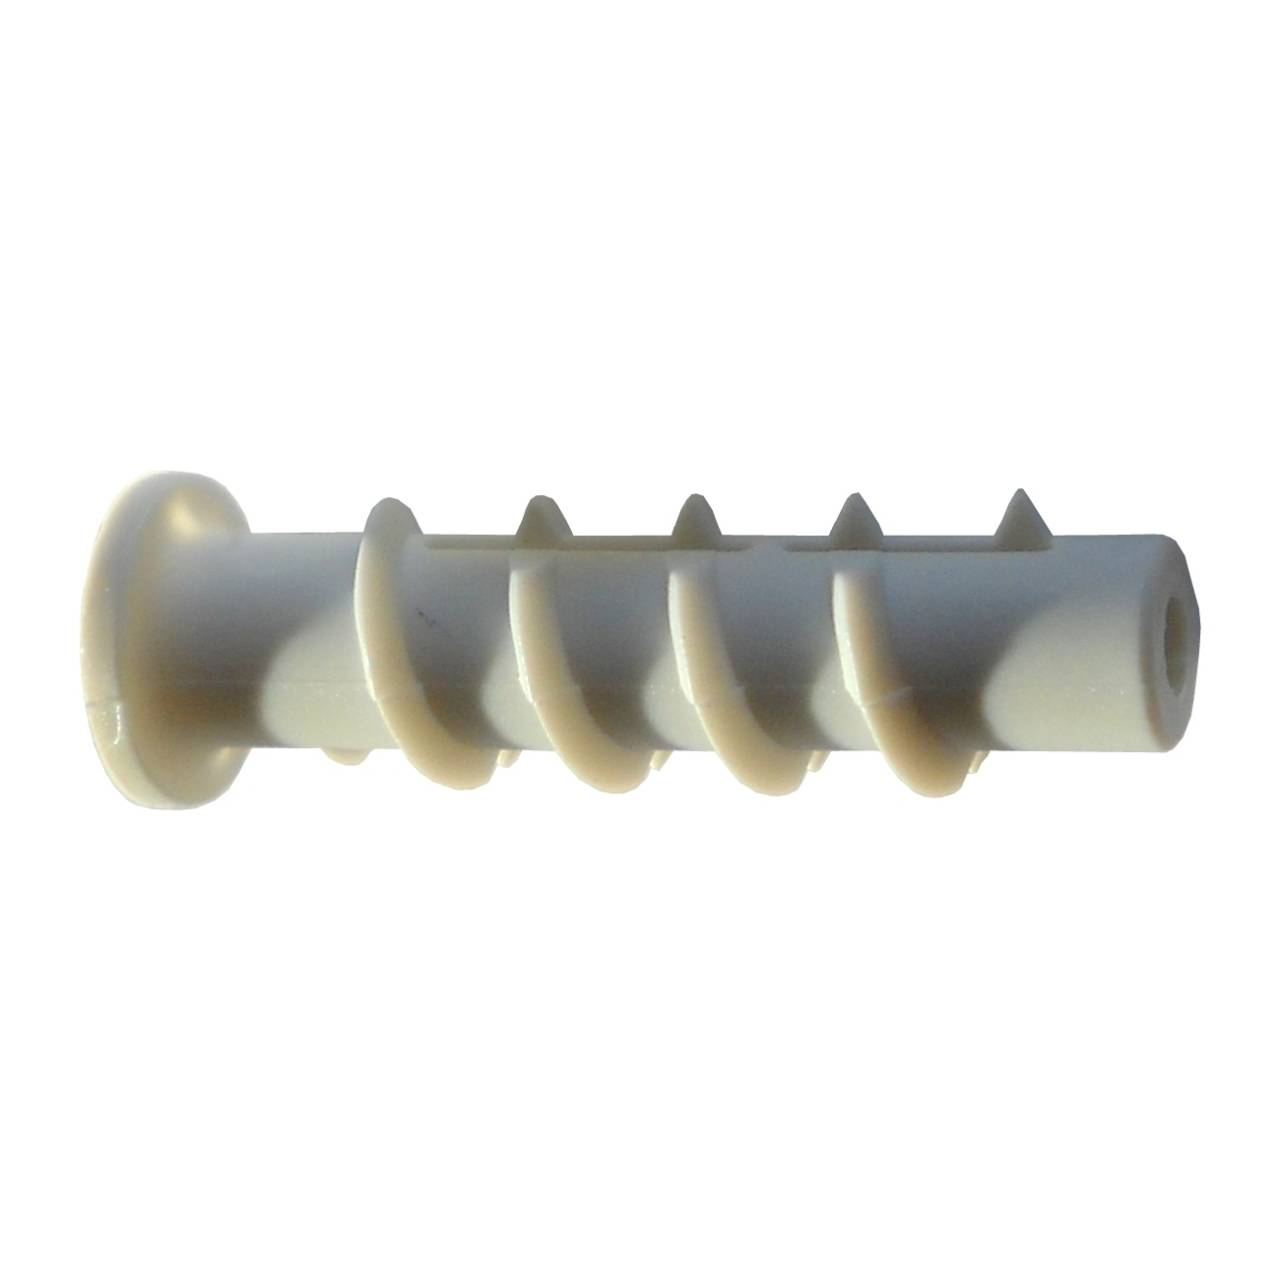 Gas- / Porenbeton-Dübel 6 x 50 mm / Pck a 25 Stück